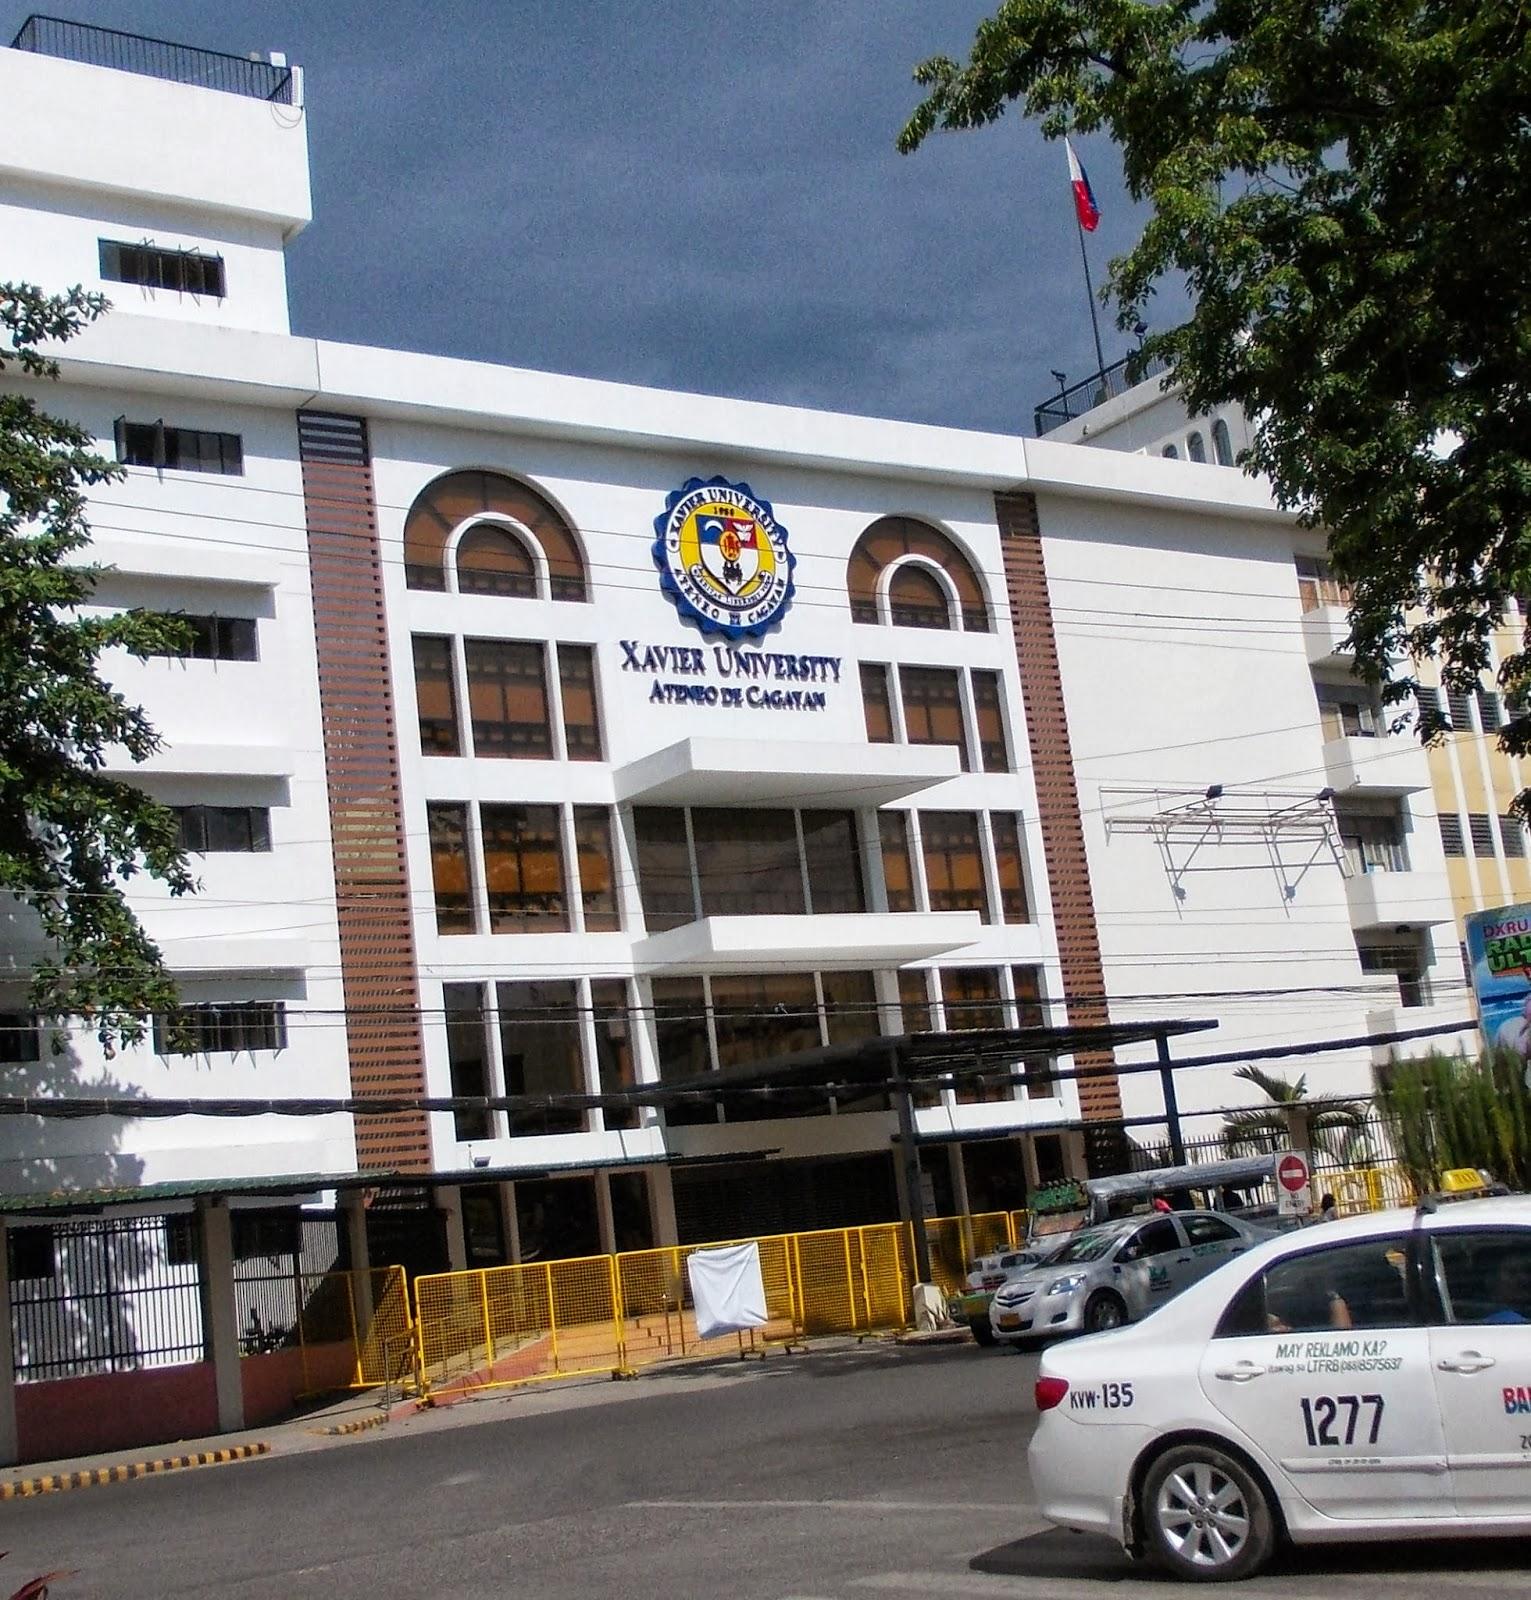 Xavier university cagayan de oro sex scandal 6